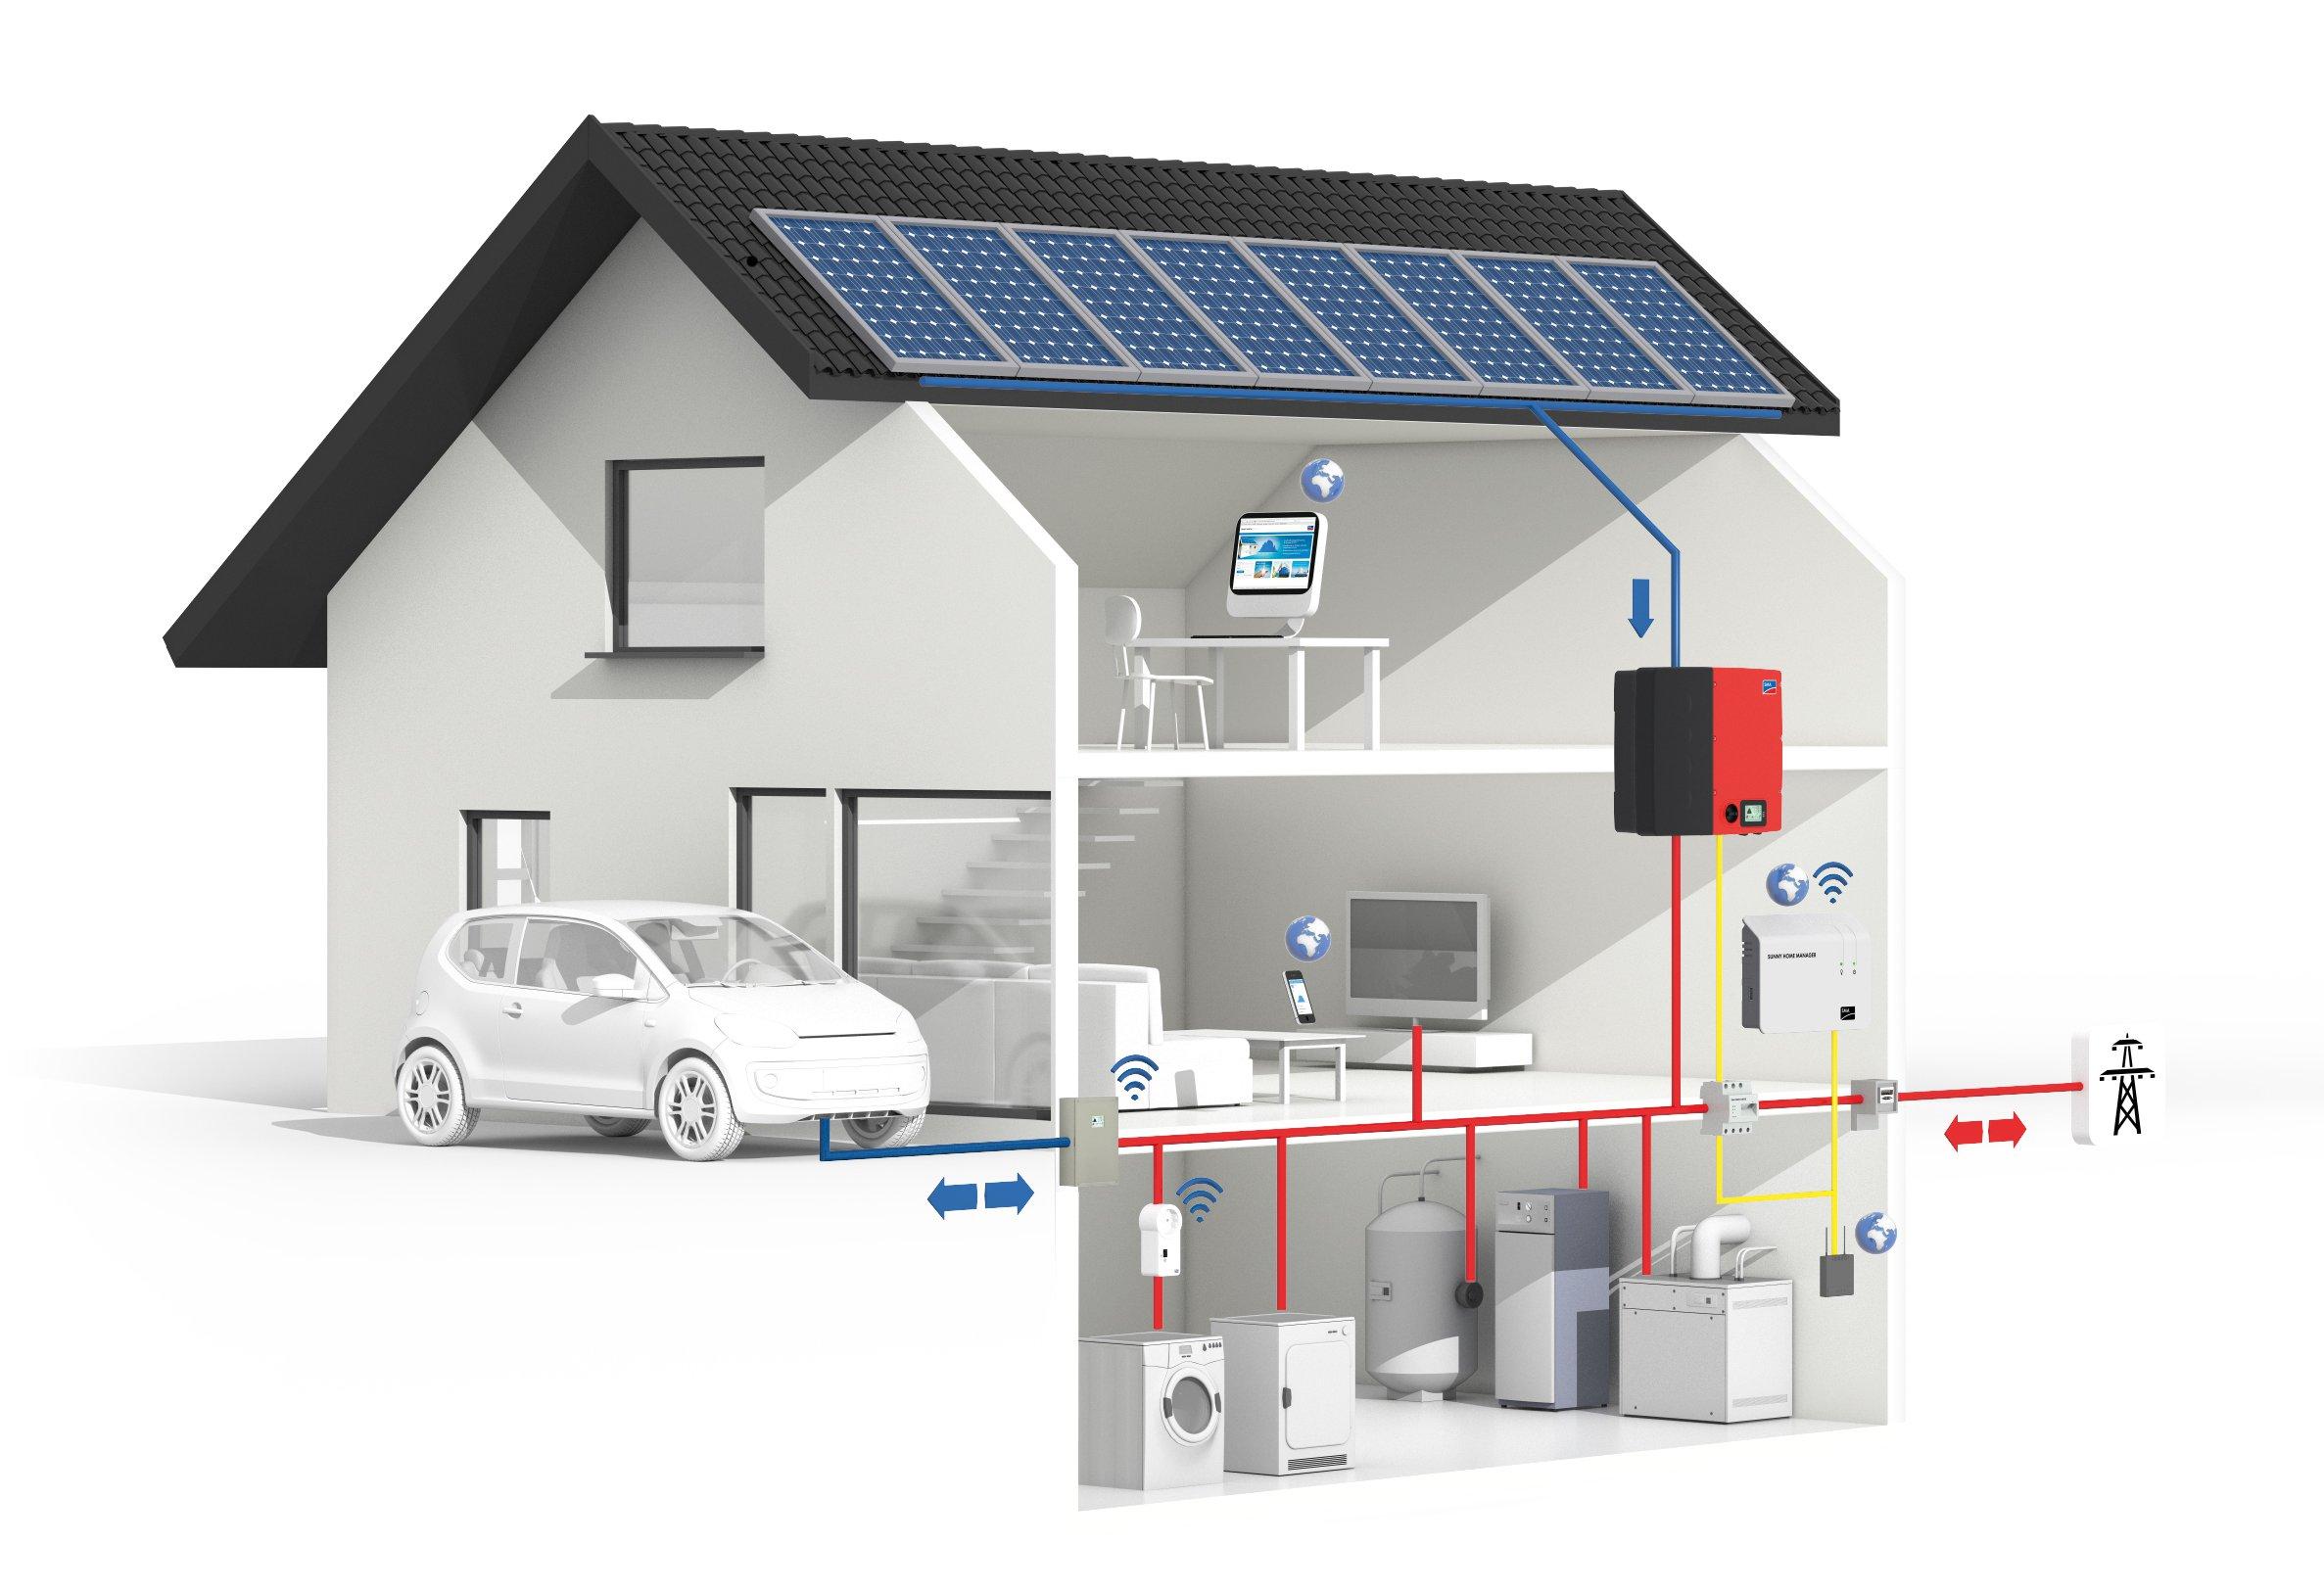 Schema Quadro Elettrico Per Fotovoltaico : Accumulo a batterie energetica u fotovoltaico rinnovabili